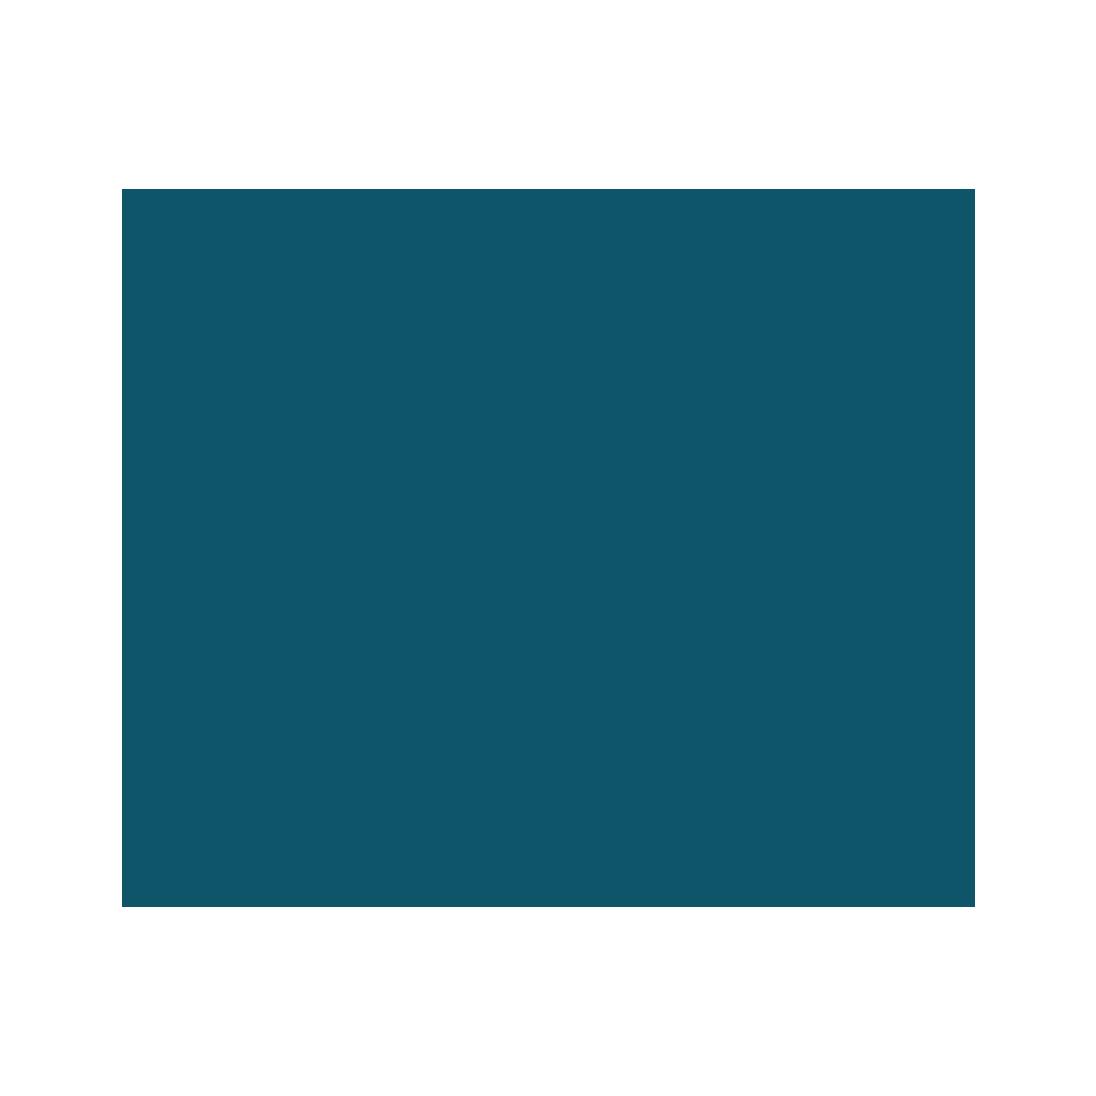 Propuesta de iconos, para desarrollar una idea narrativa